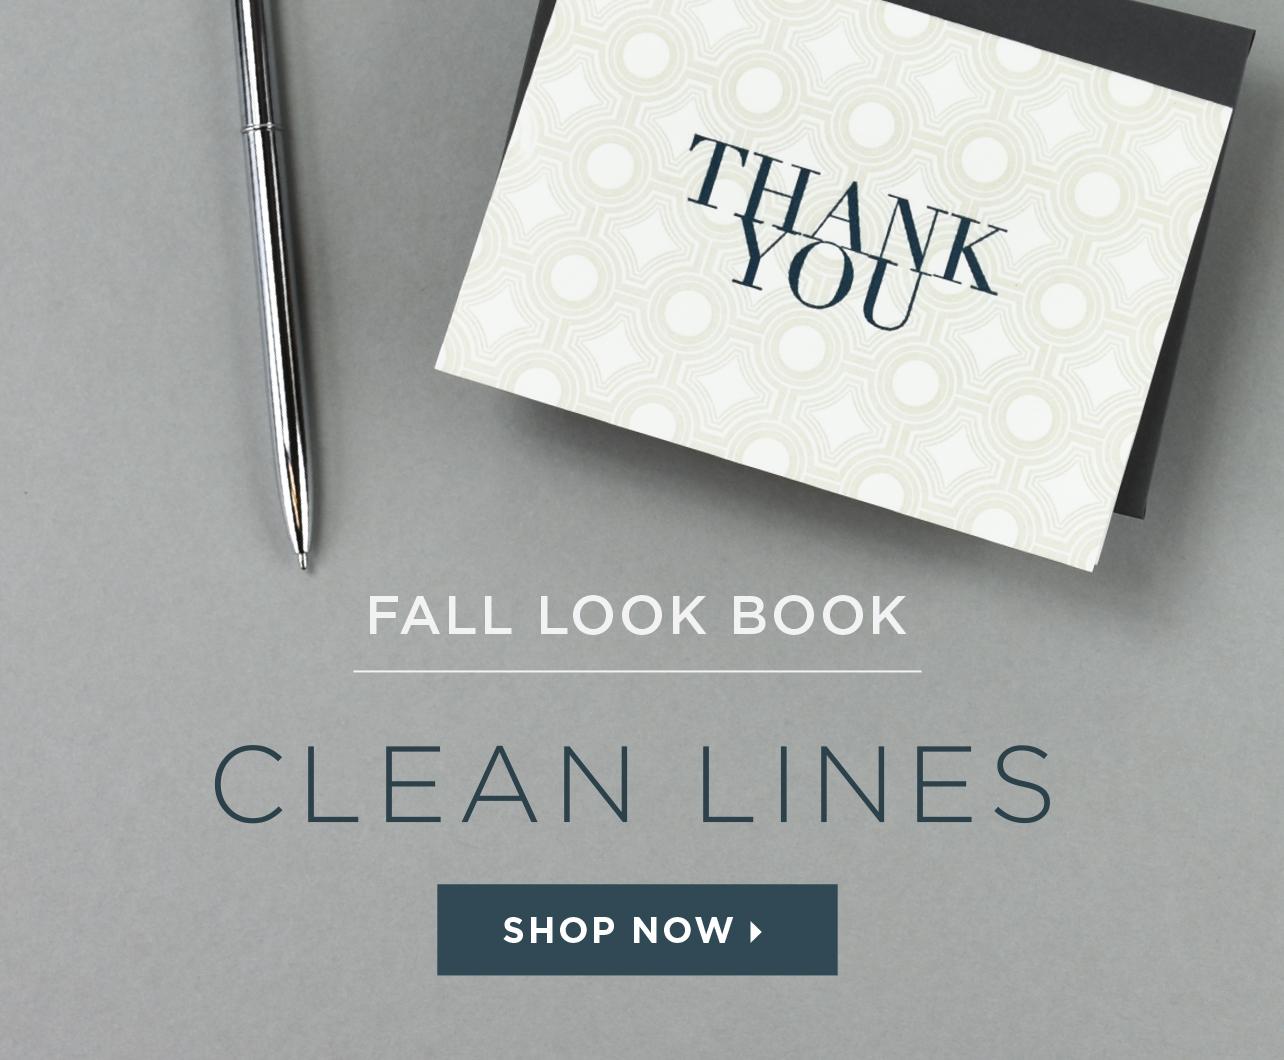 Elum Fall Look Book: Clean Lines